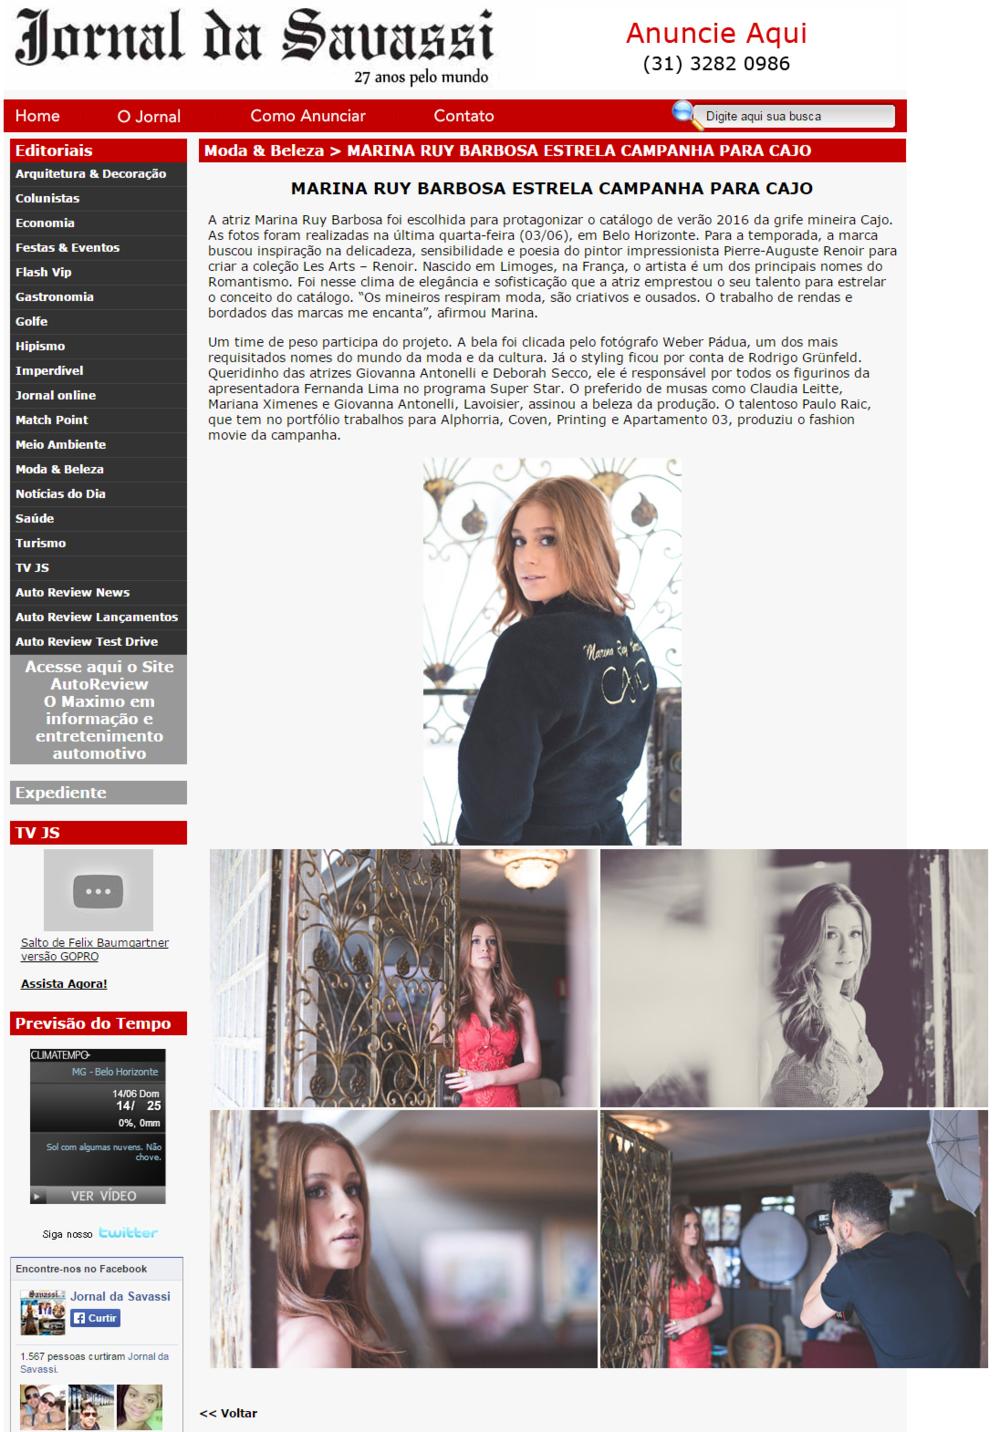 Cajo - Site Jornal da Savassi - 12-06-2015.png